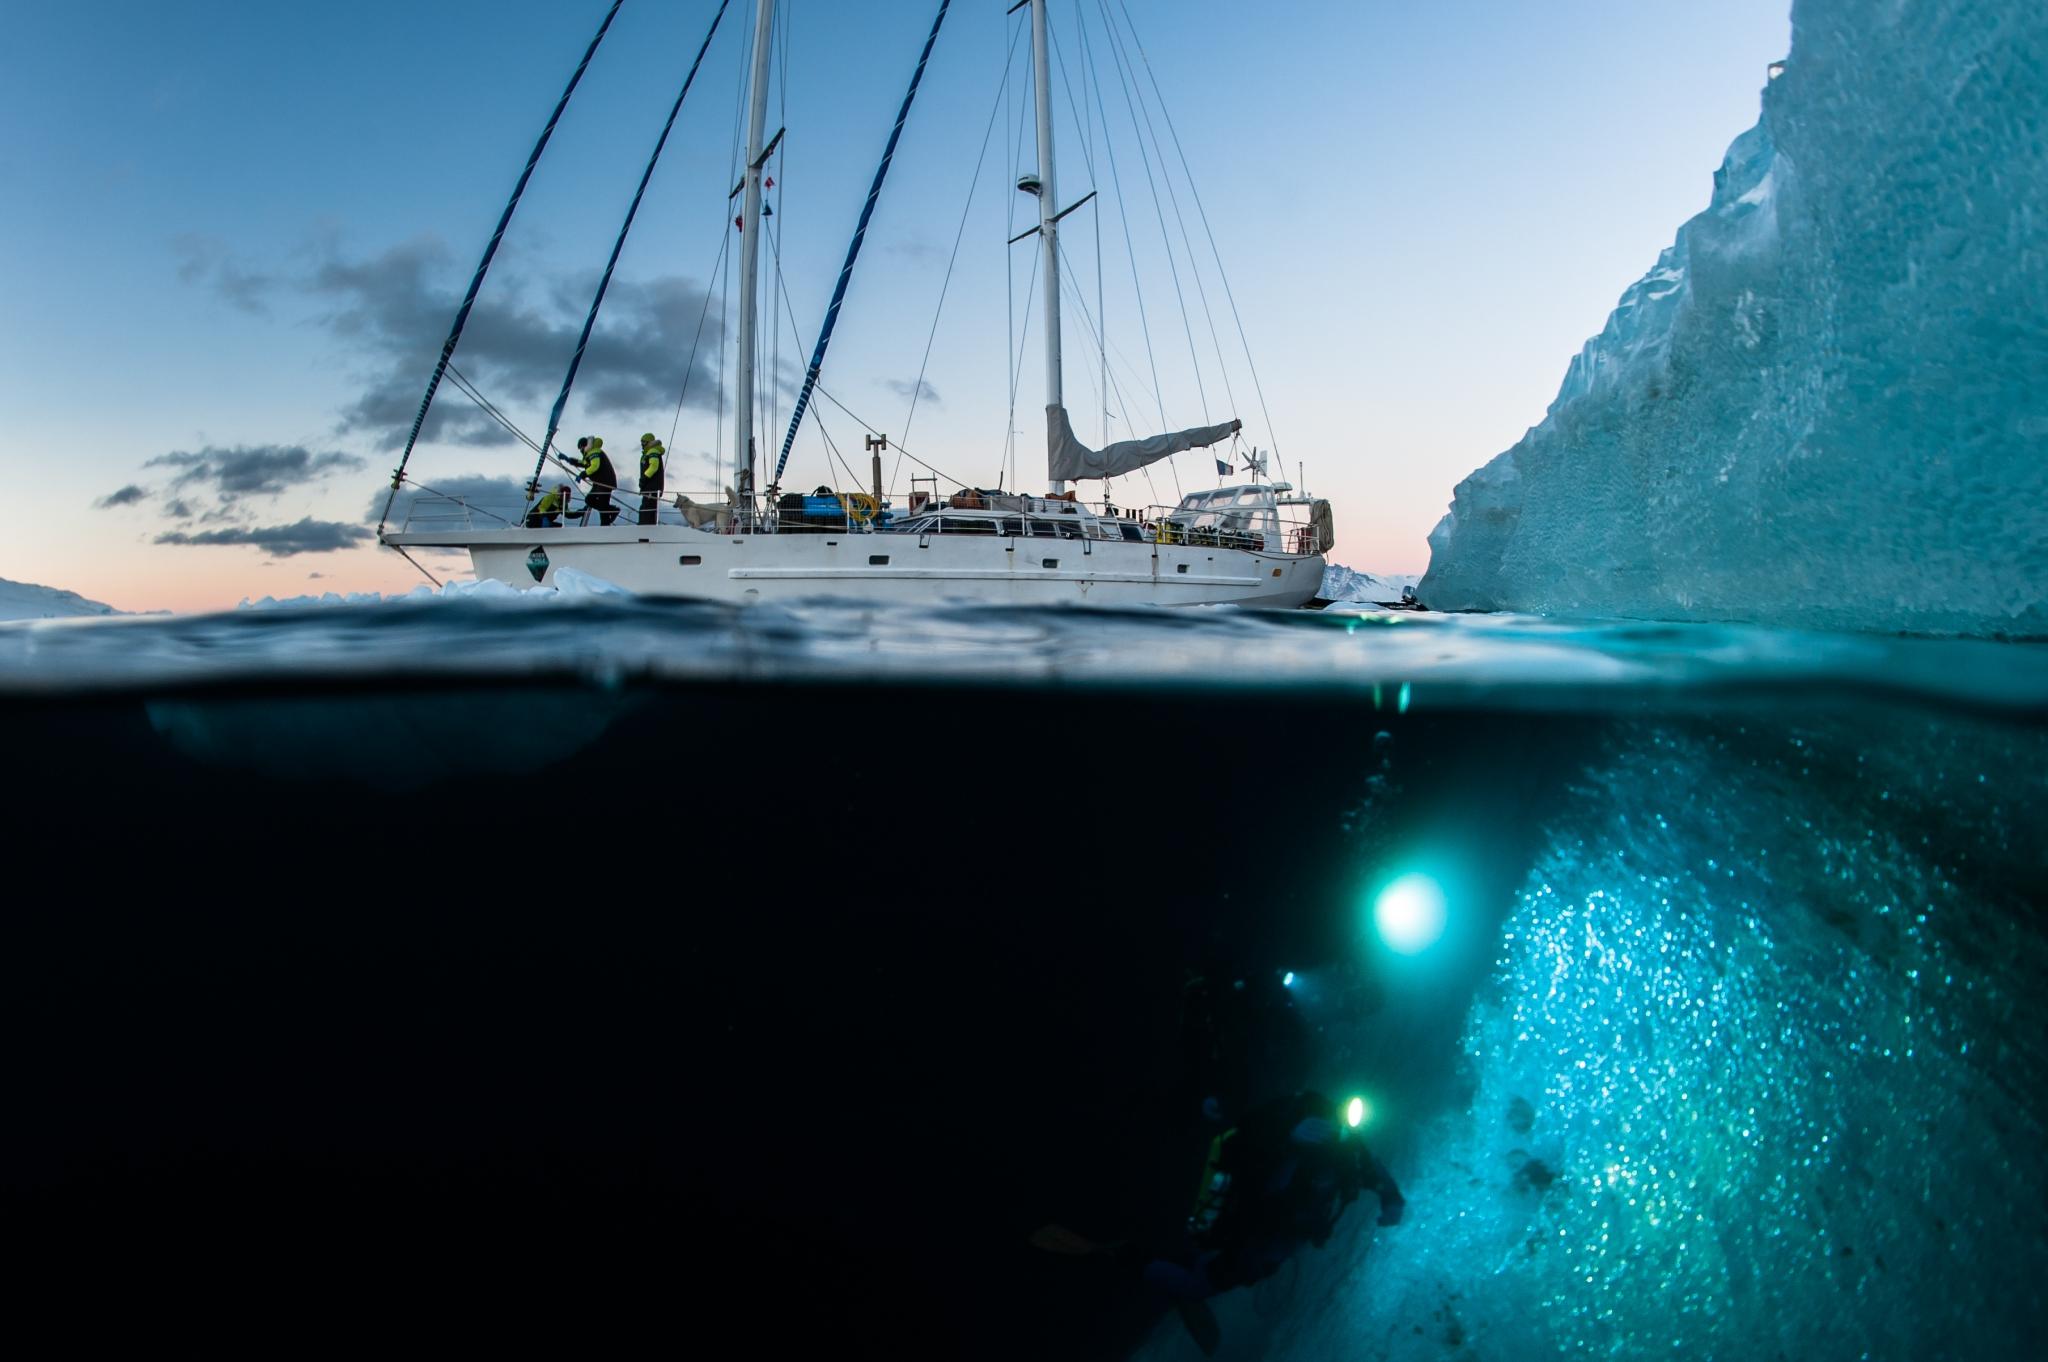 under the pole 3, Ghislain Bardout, Emmanuelle Perié, aventure, polaire, expédition, plongée, glaces, , agence zeppelin geo, arctique, navire, why, voilier,antarctique